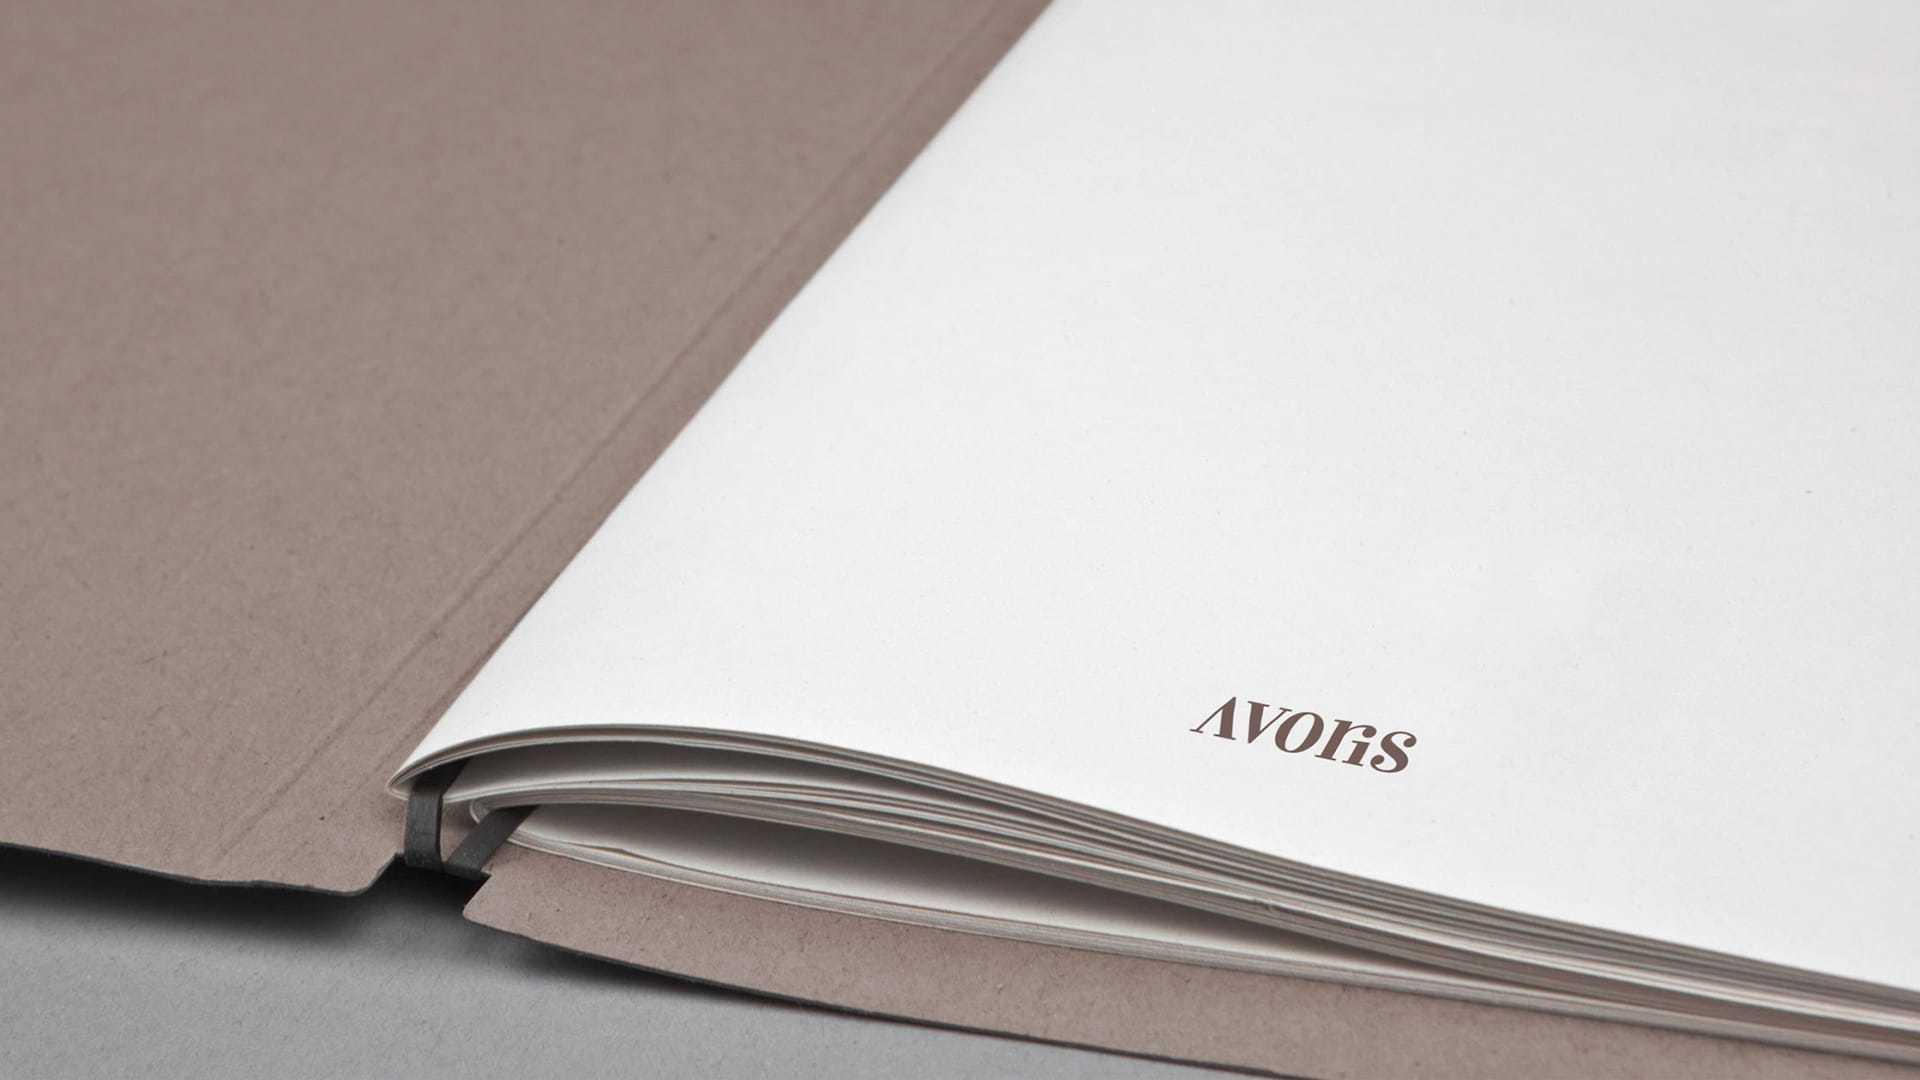 Ref Avoris Markenentwicklung 9